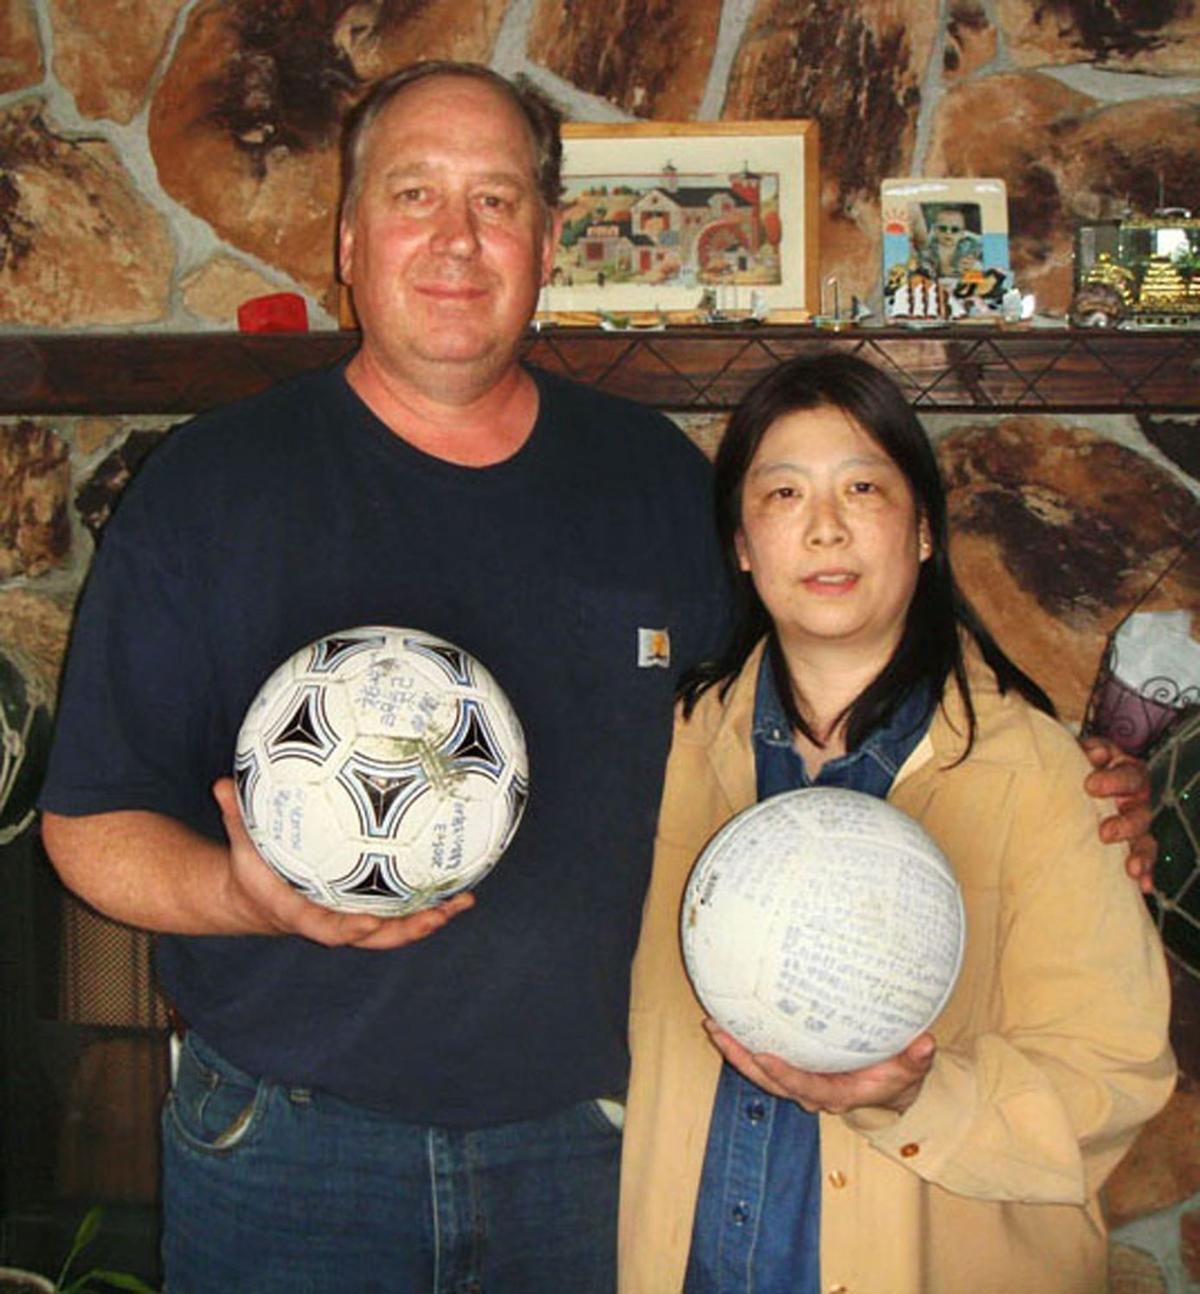 Japanese teen's soccer ball drifts to Alaska